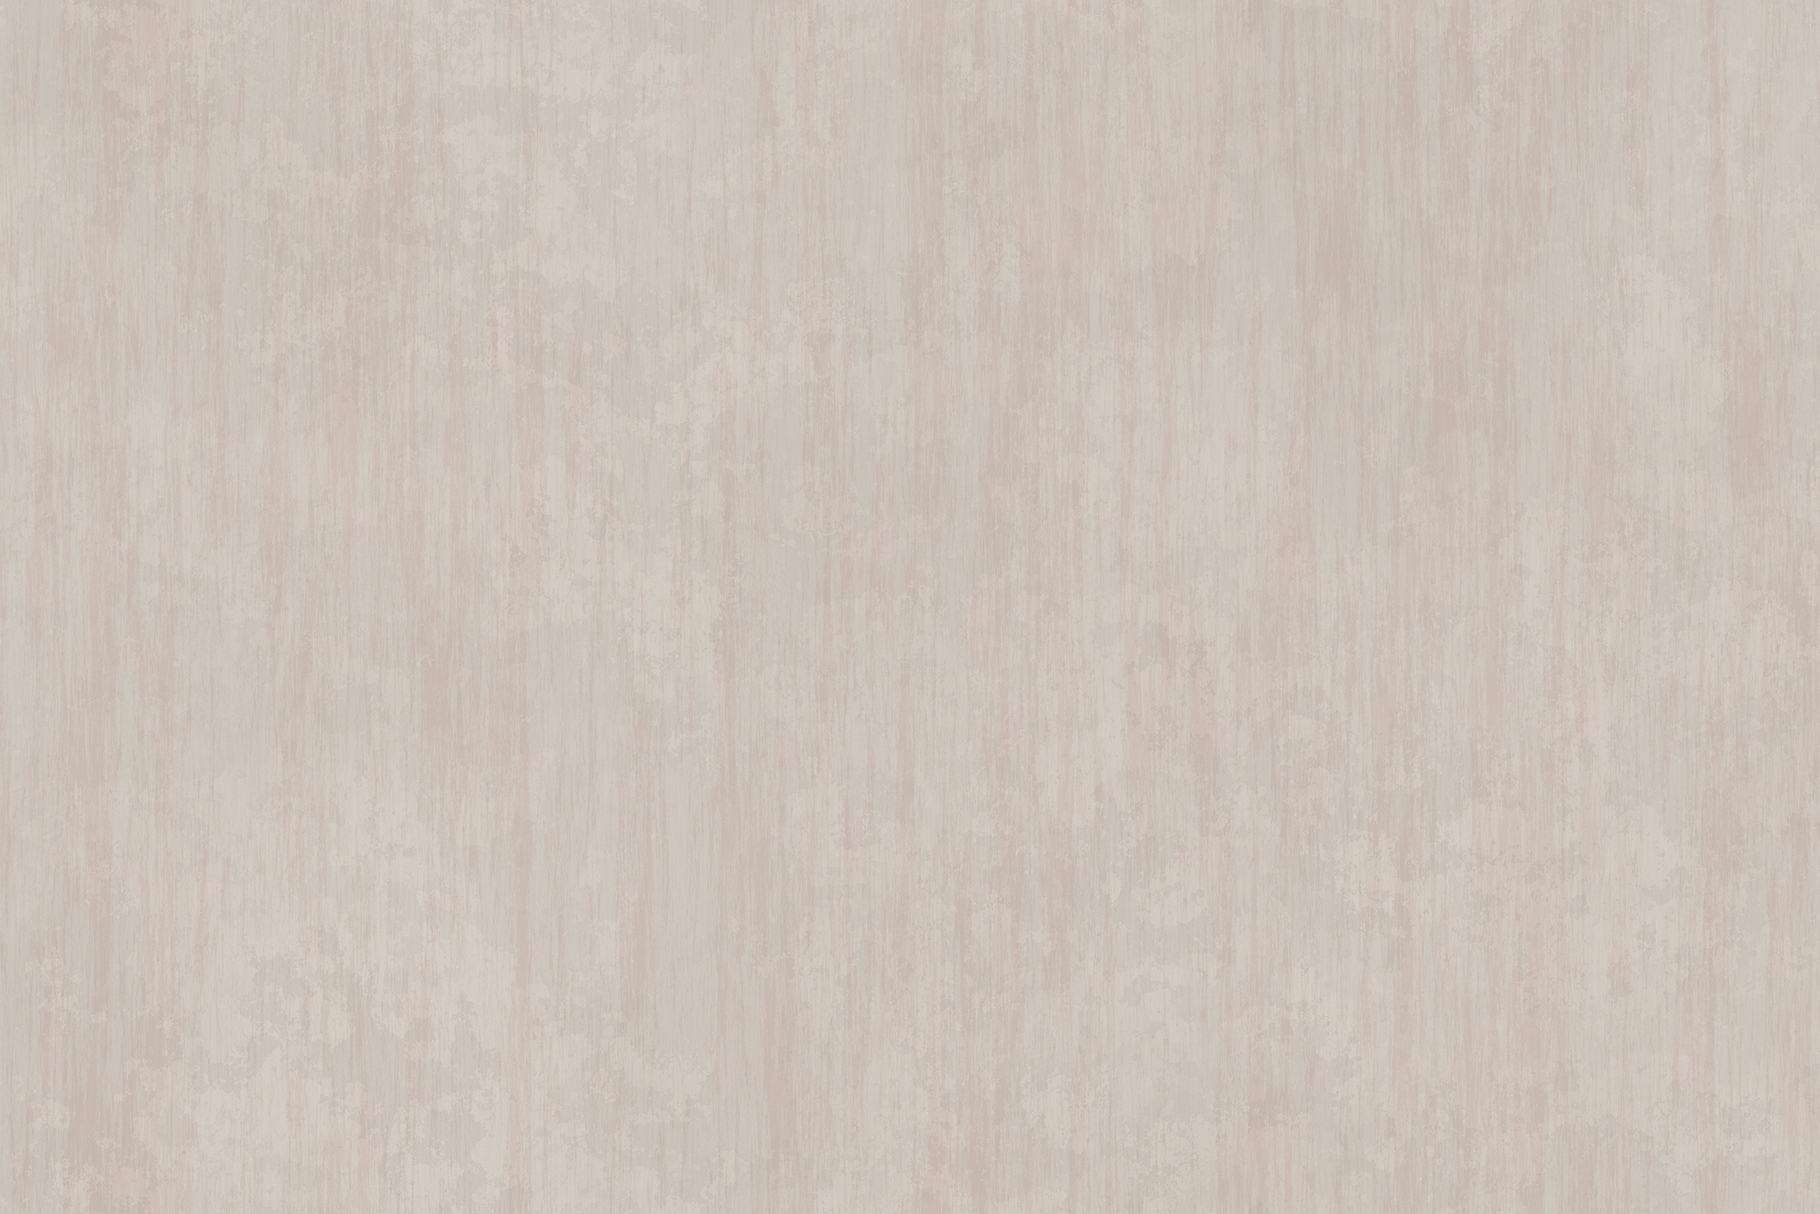 10 Smooth Concrete Textures